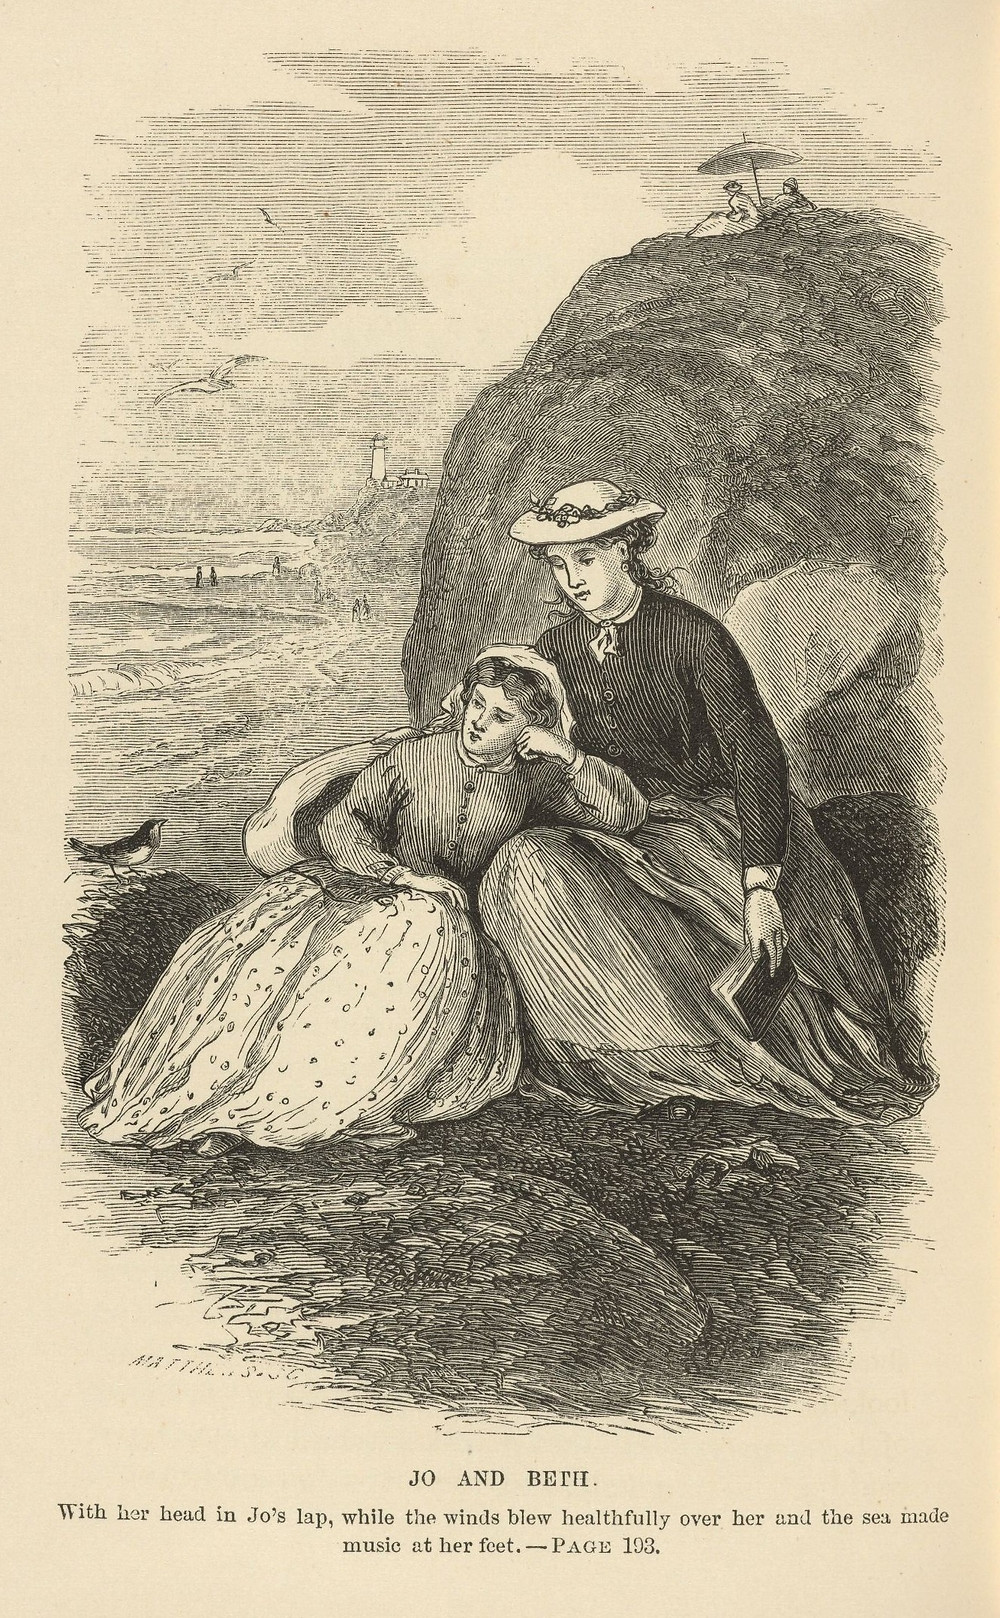 جو وبيث- من رسومات الرواية التي رسمتها أخت ماري، ماي آلكوت